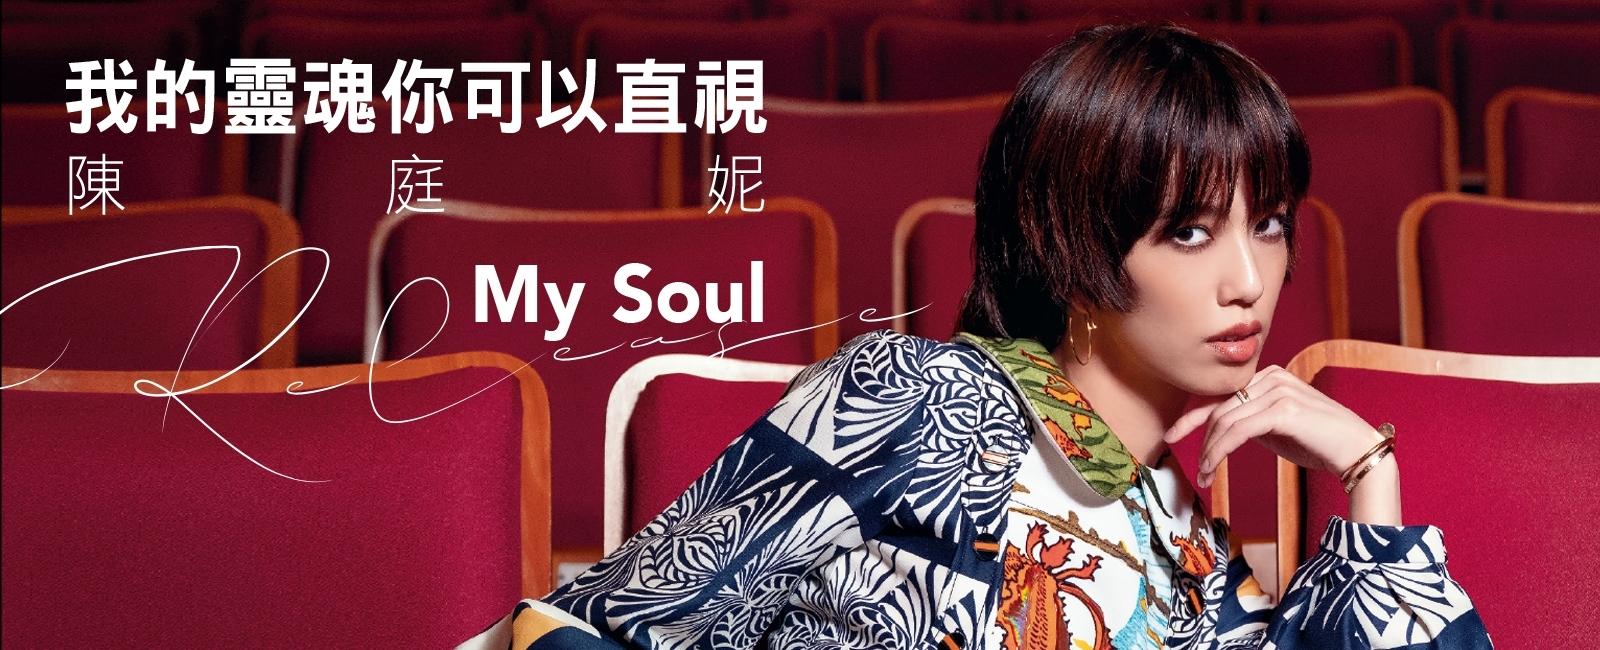 封面專訪/我的靈魂你可以直視 陳庭妮